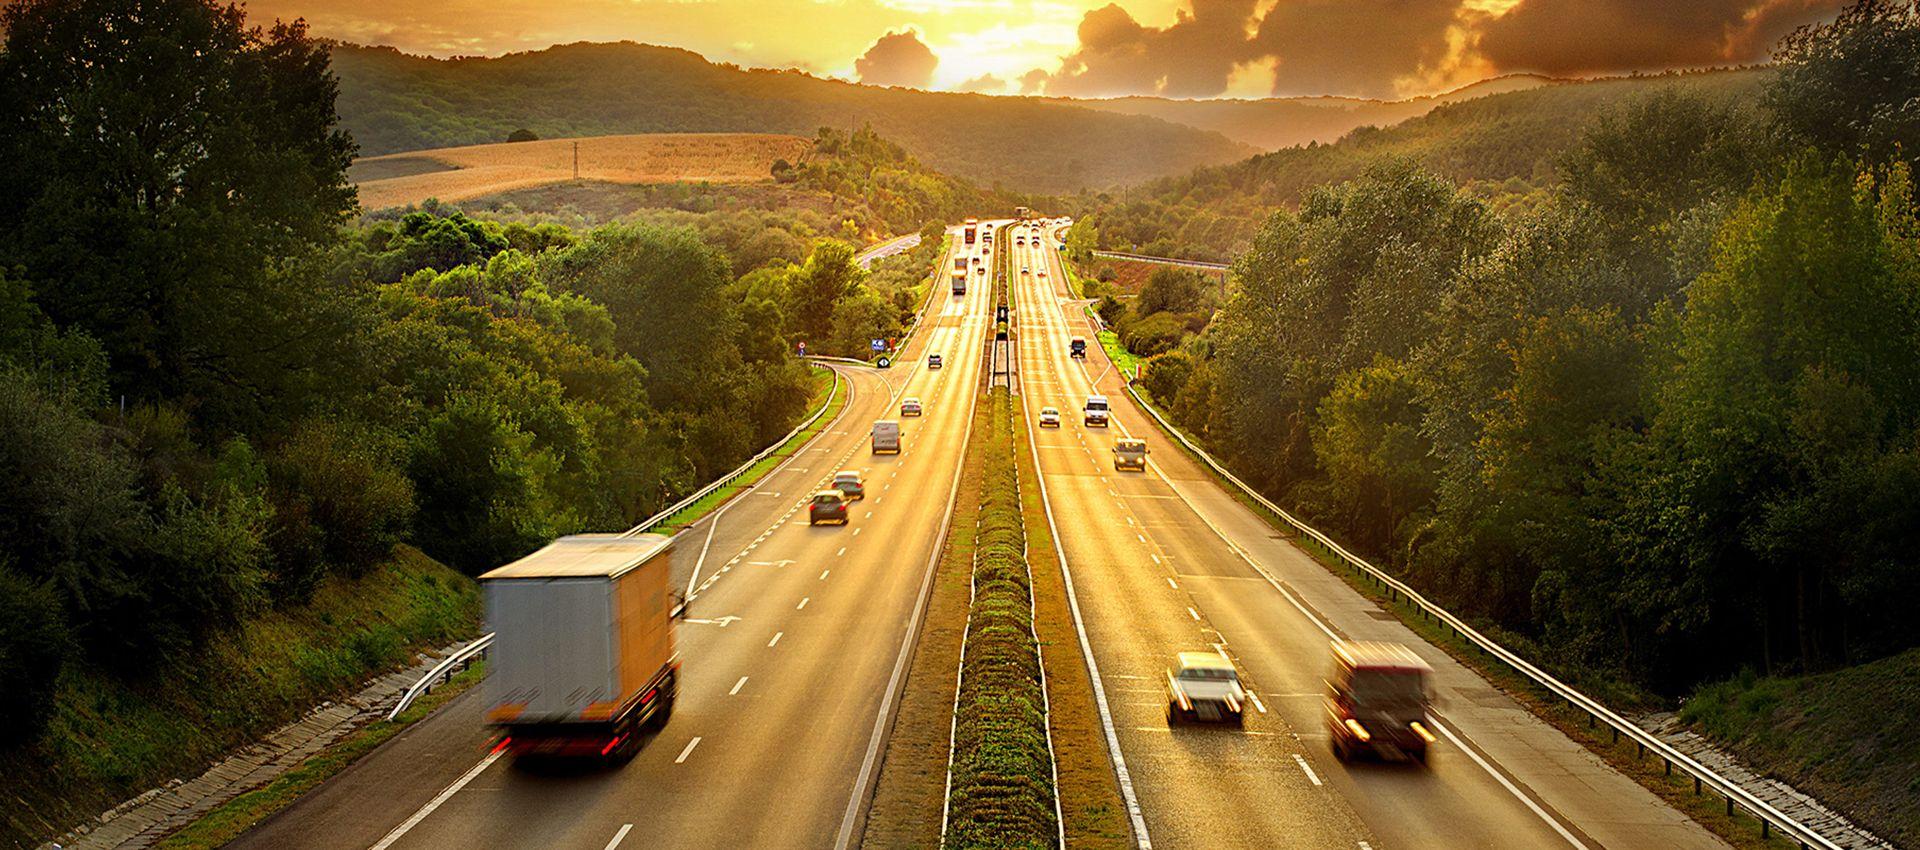 Souscrire à une assurance auto temporaire pour voyager